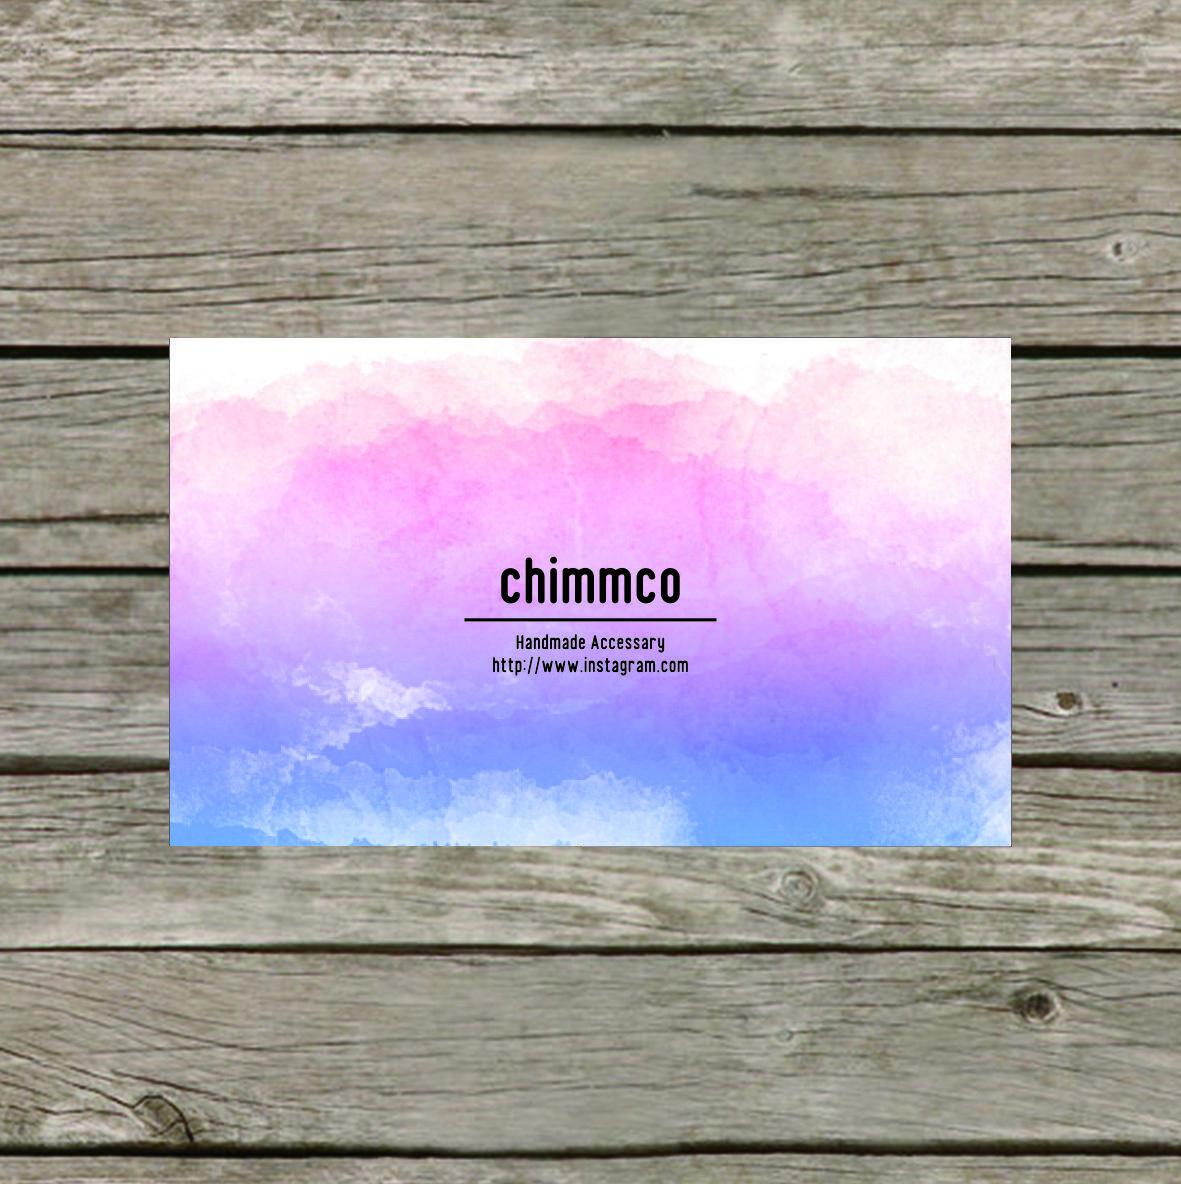 あなたらしさを伝えるショップカードお作りします 自分らしさをアピールするオリジナル名刺を作成します!